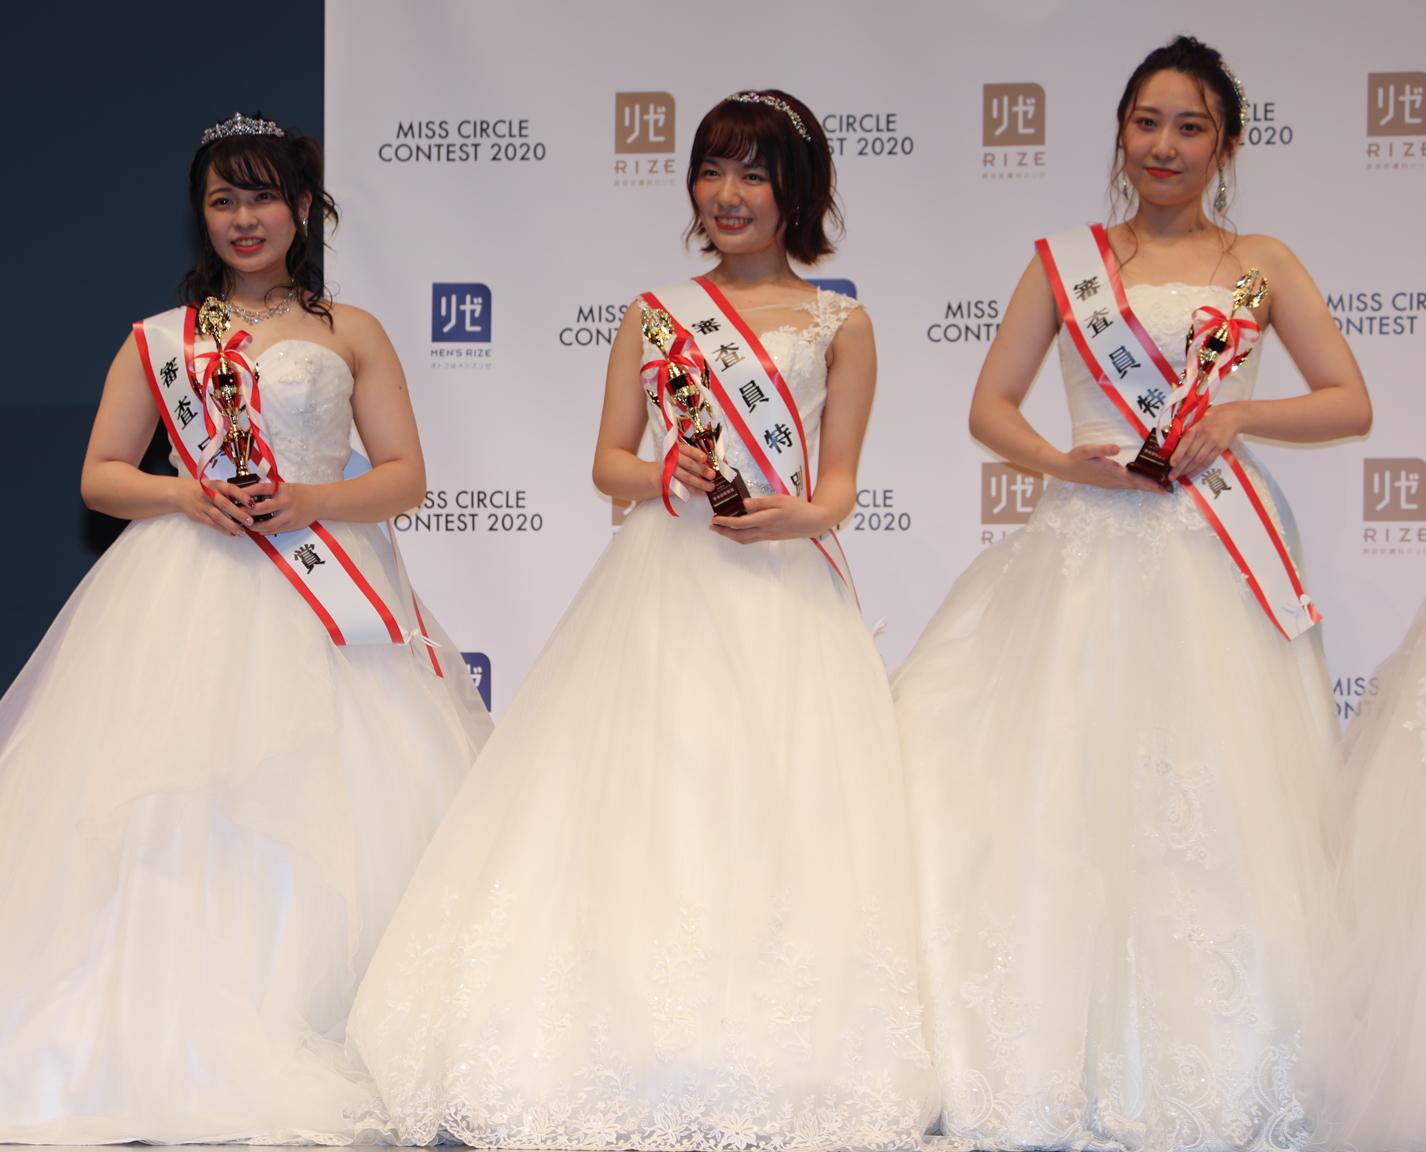 審査員特別賞:石井美帆、海野名津紀、工藤ありさ